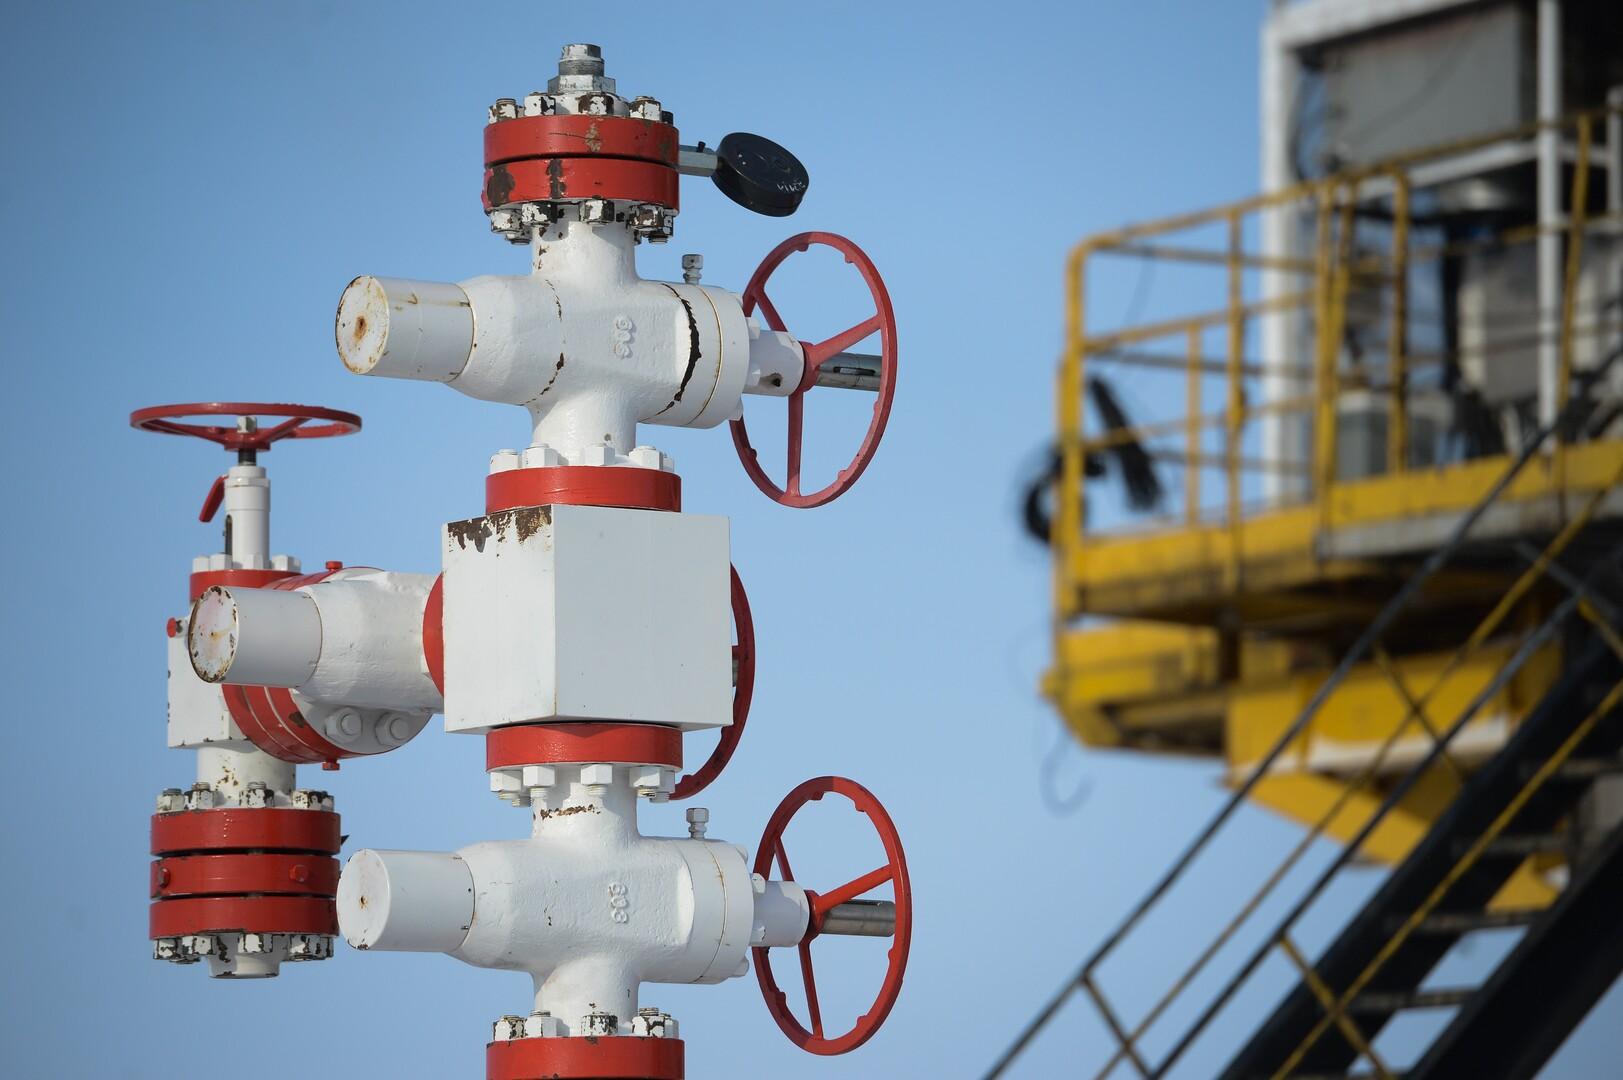 دبلوماسي: الولايات المتحدة تتطلع لإنتاج الغاز في الشرق الروسي